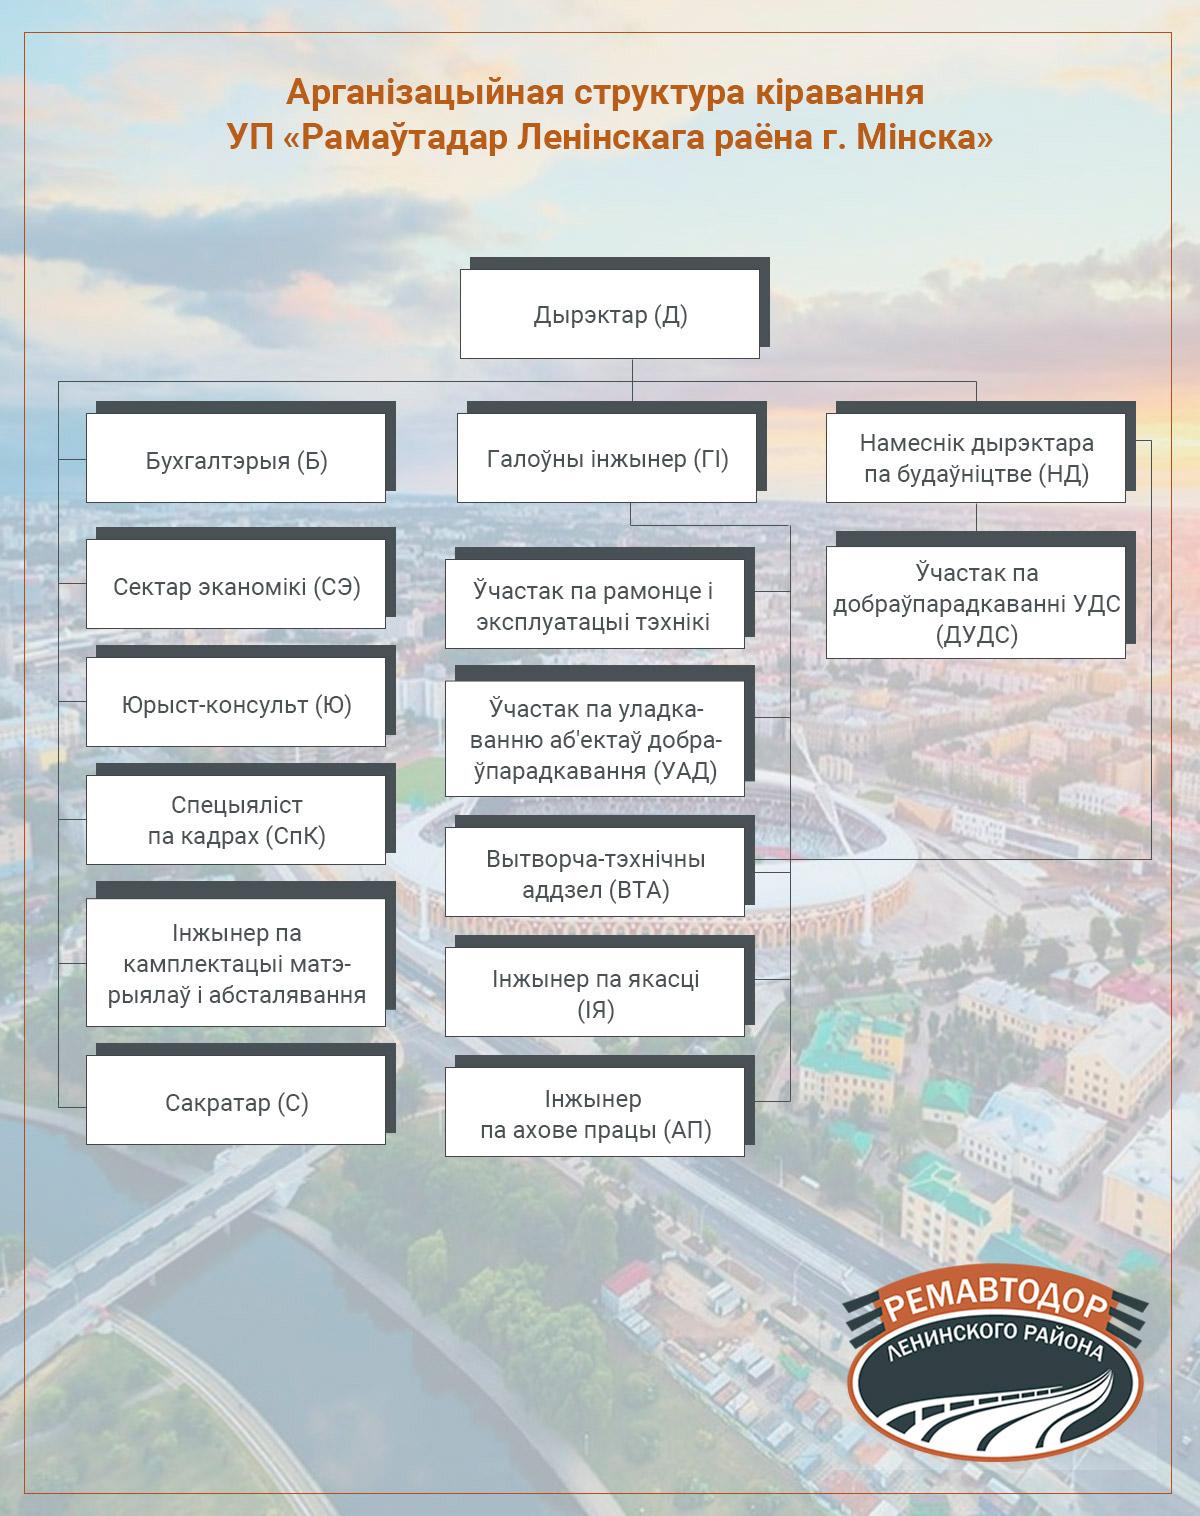 Схема-Арганізацыйная структура прадпрыемства